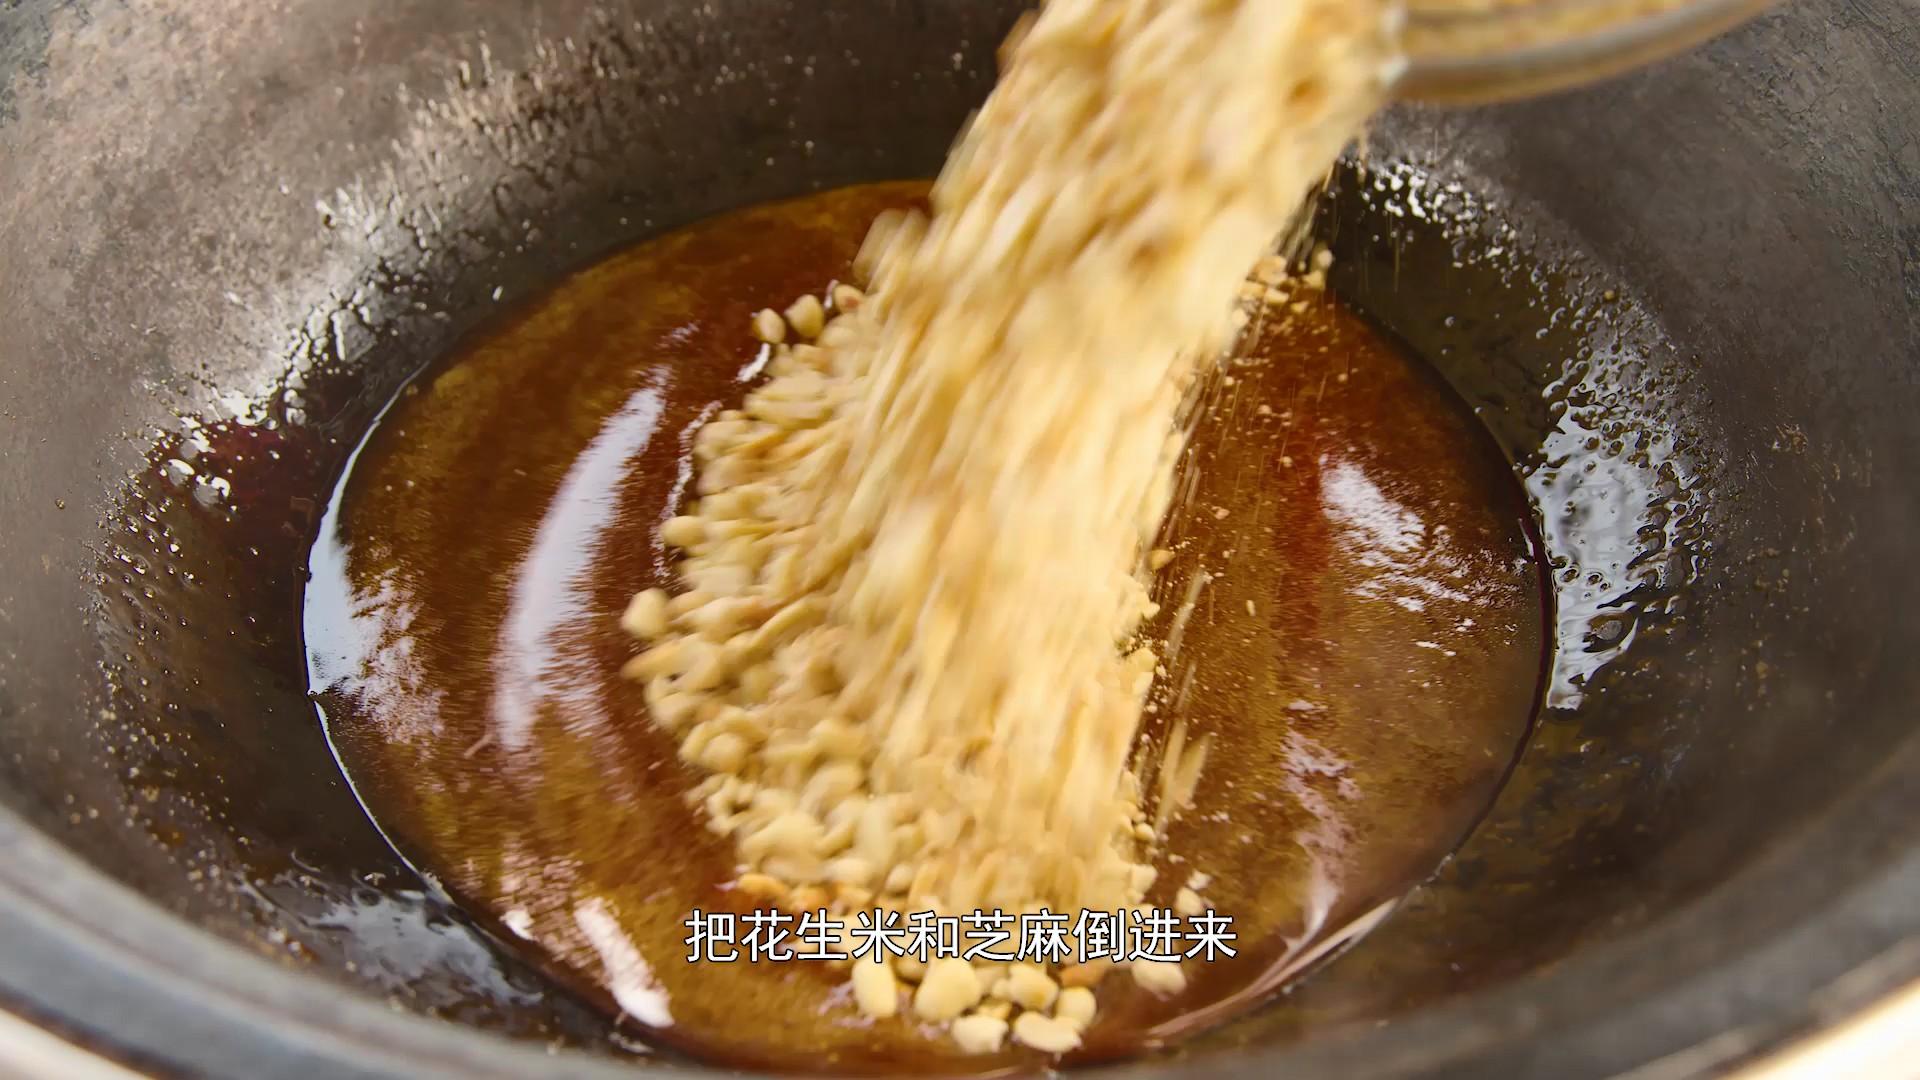 自制小零食【花生糖】,酥脆香甜,制作简单怎么炒